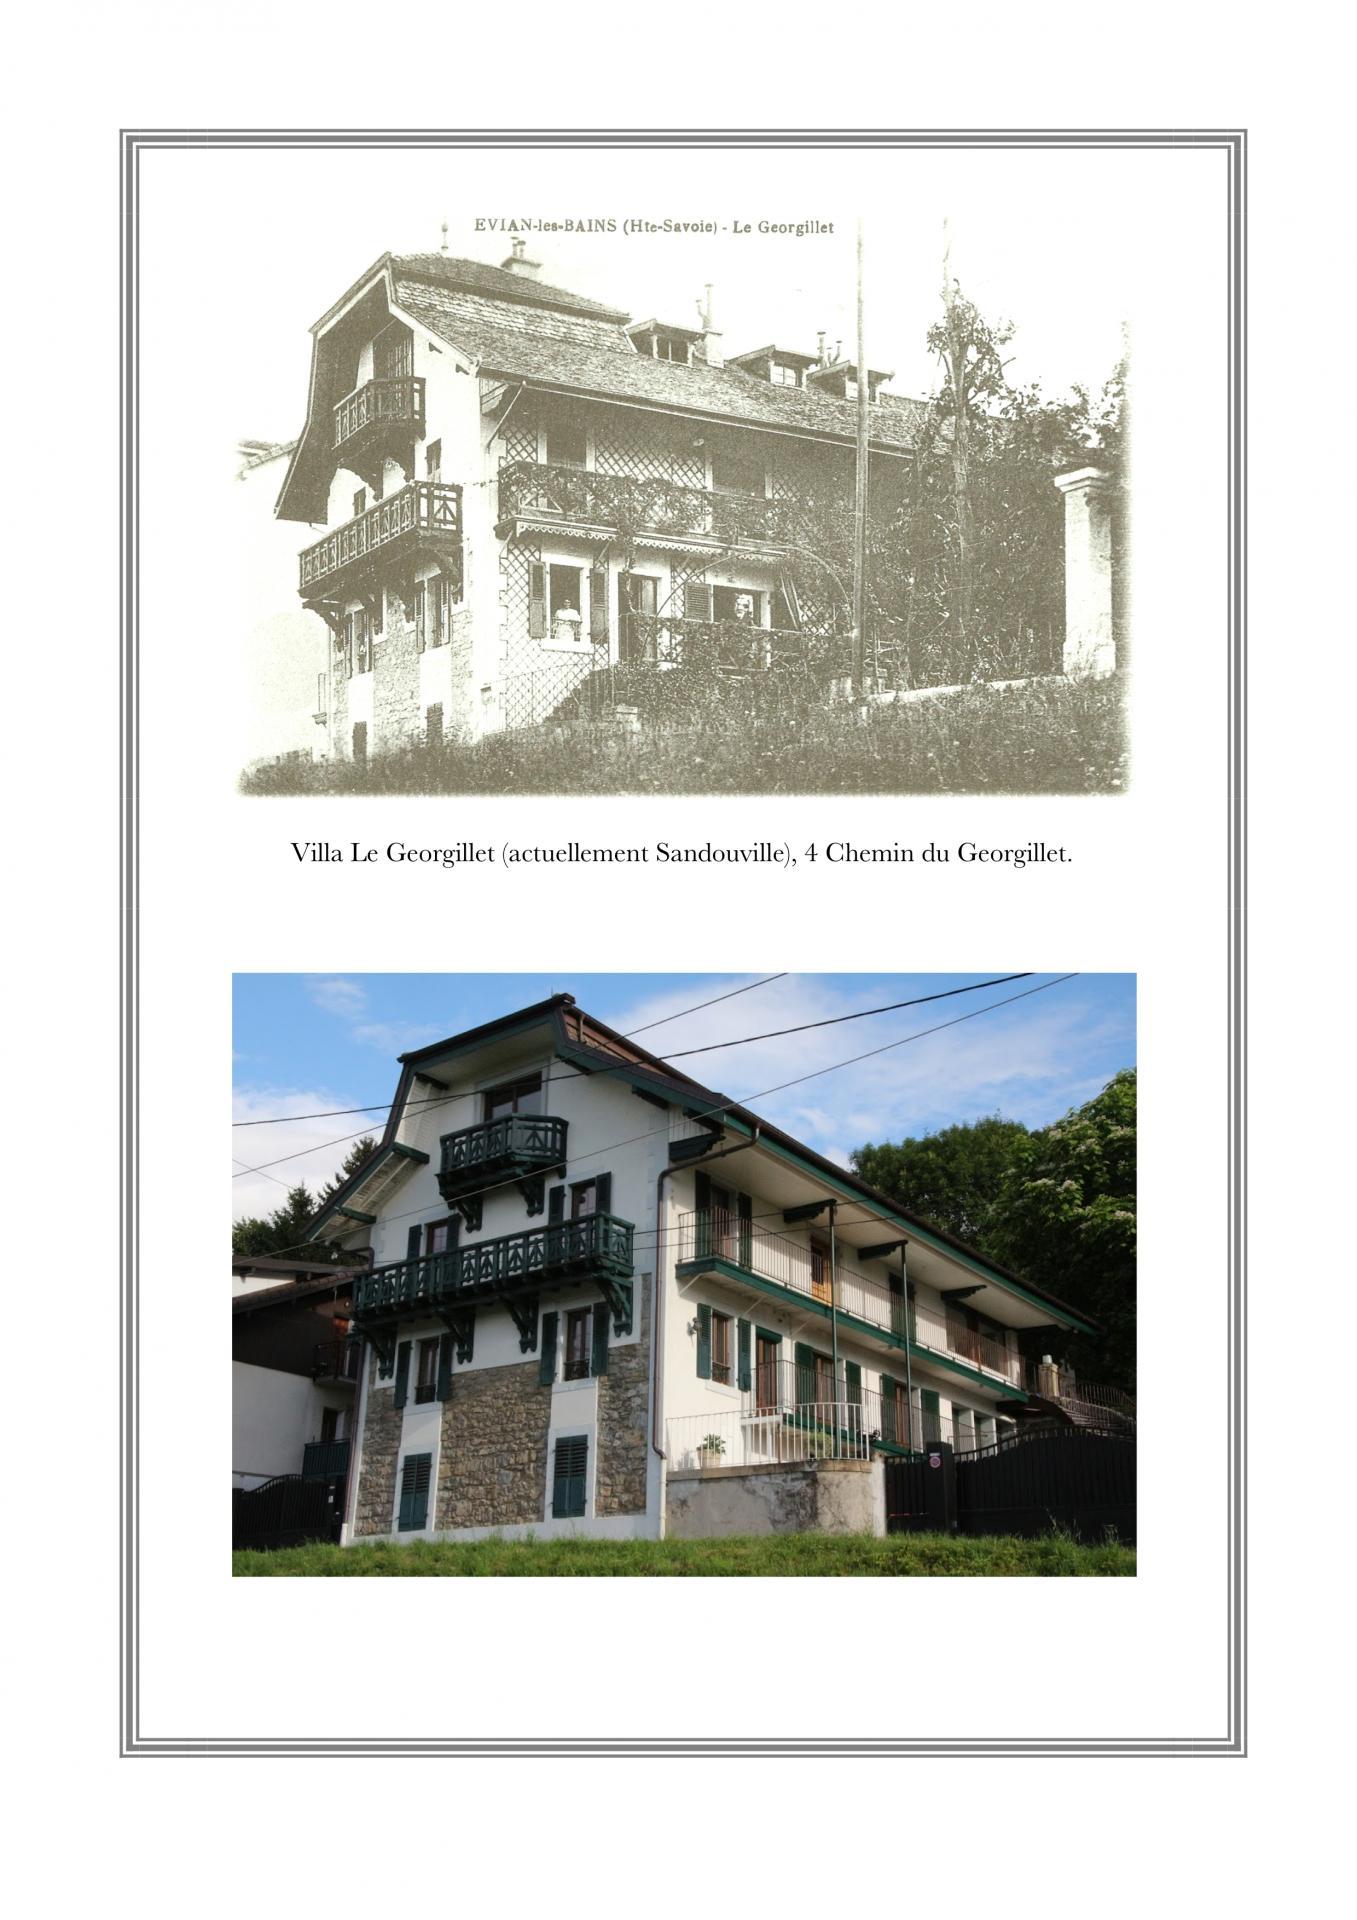 Villa Le Georgillet (Sandouville), 4 chemin du Georgillet